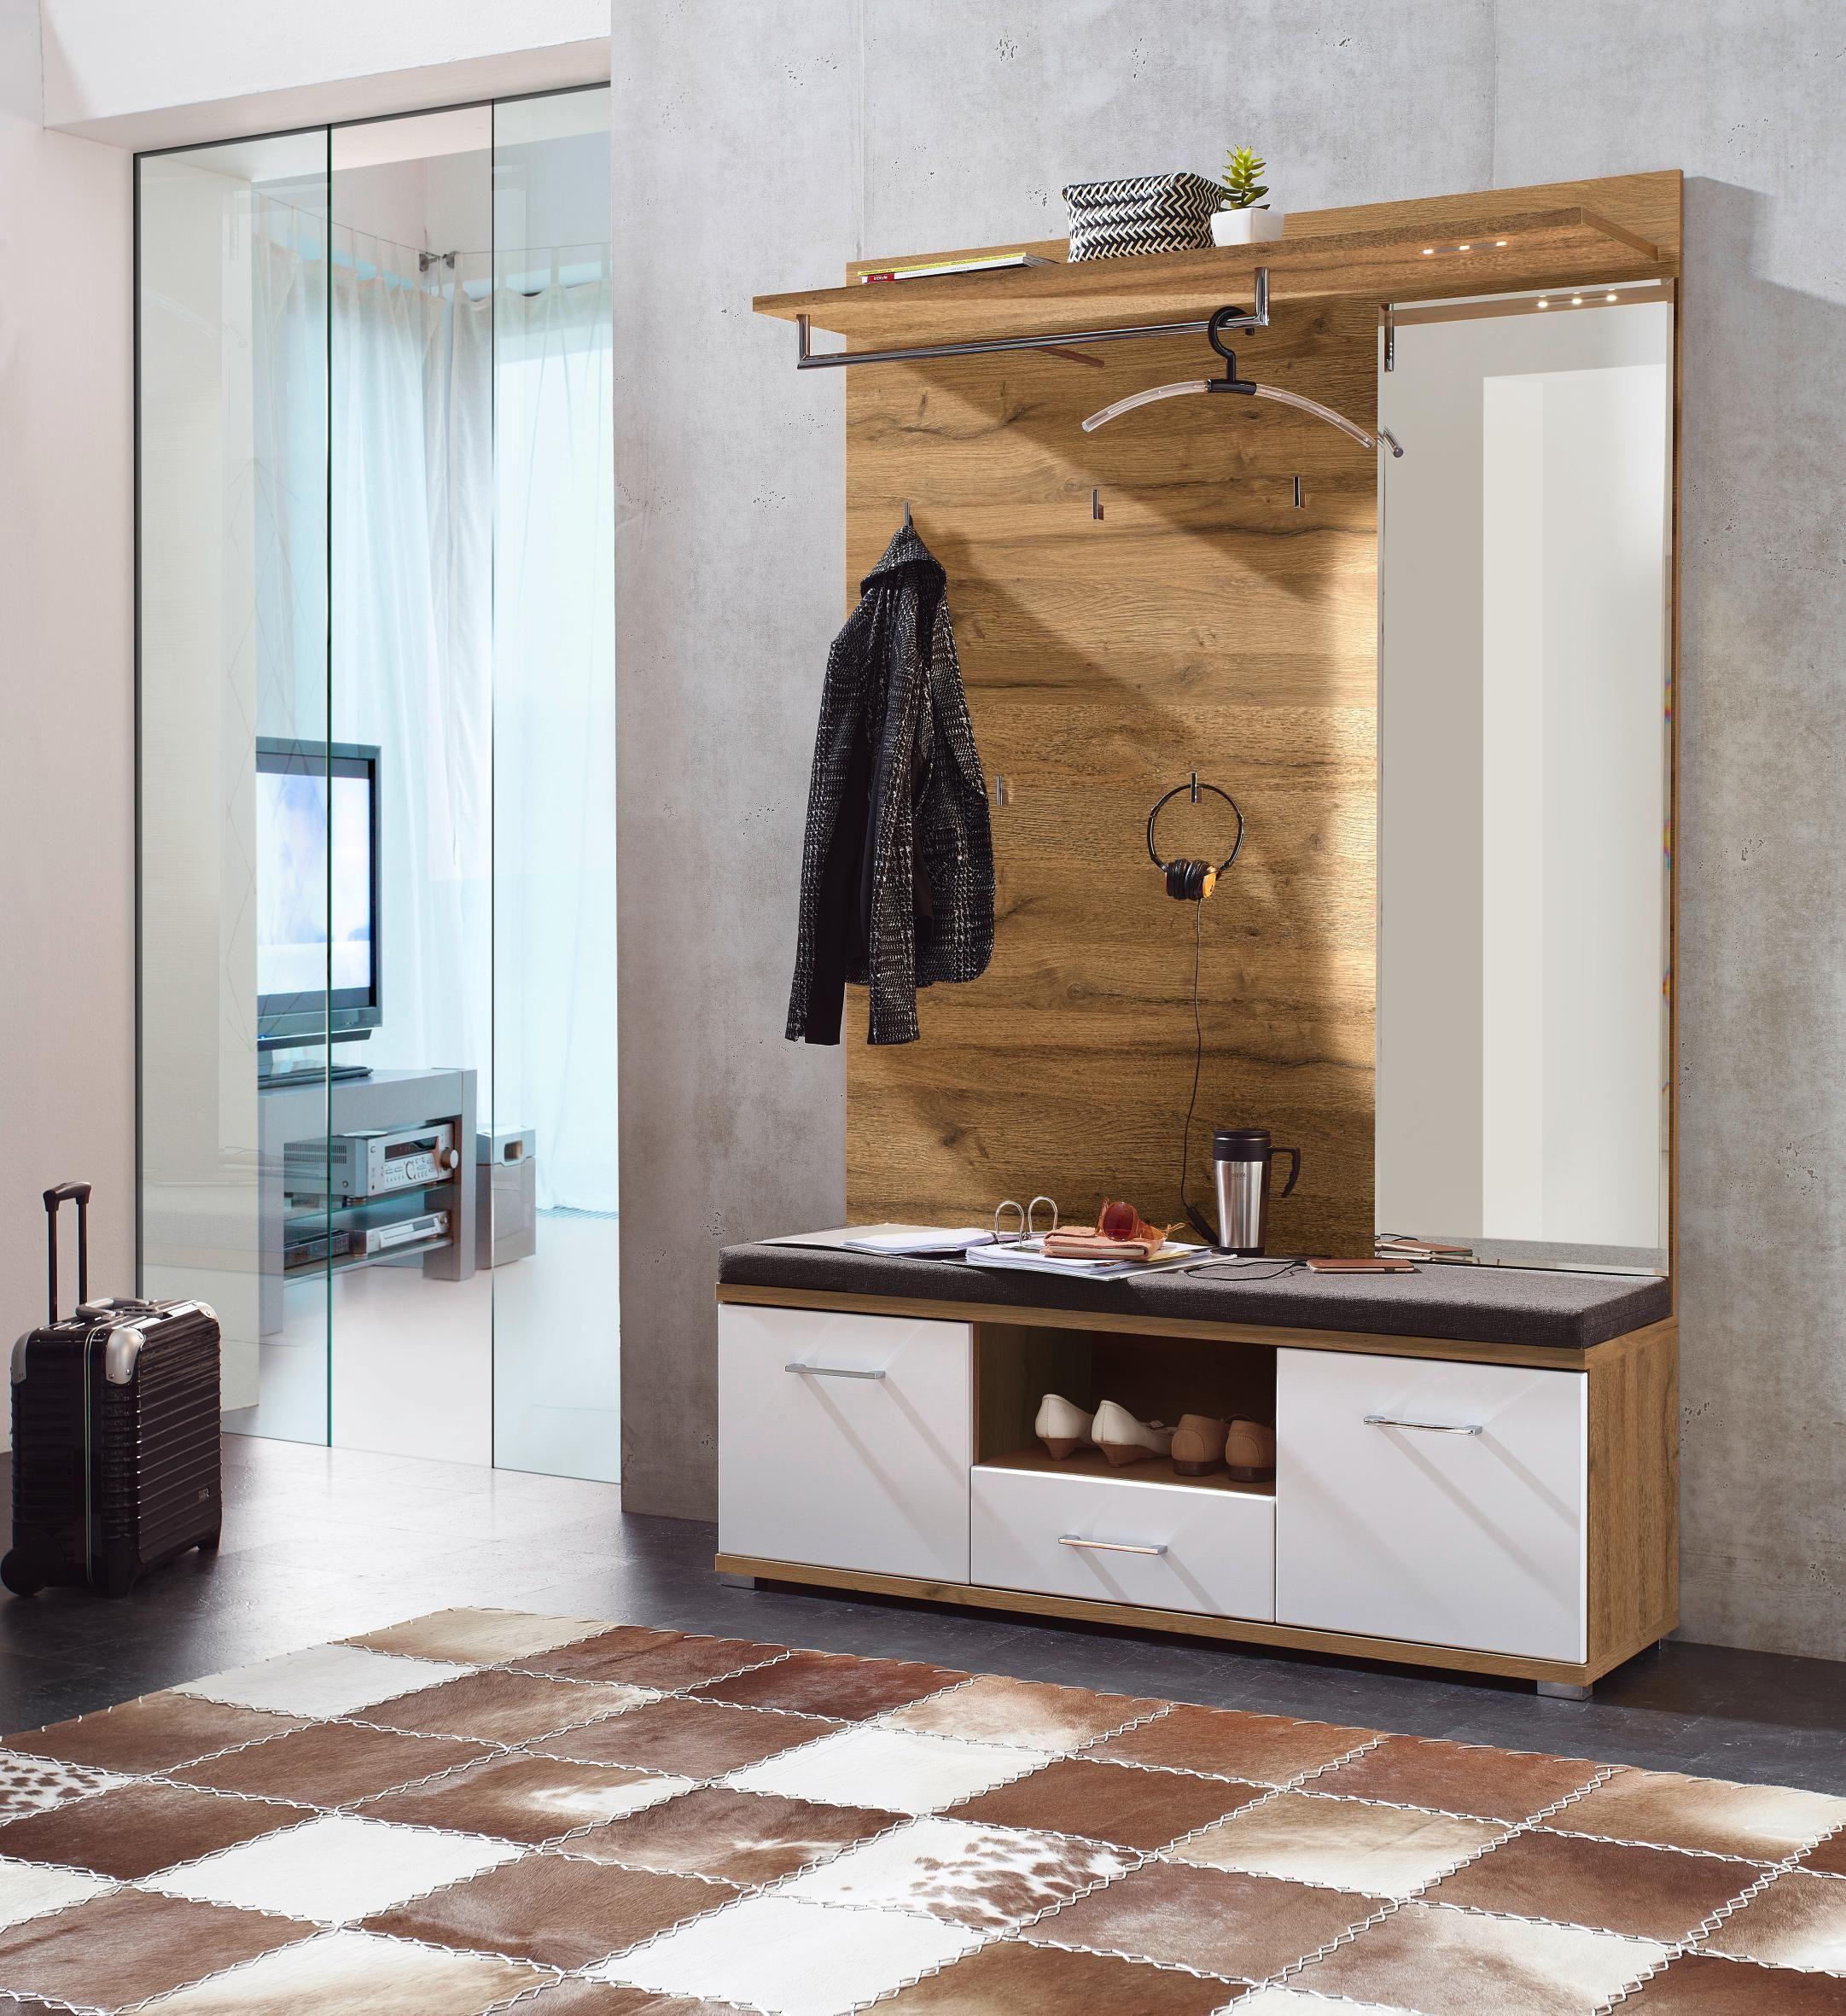 Garderobe Online Kaufen Xxxlutz Ankleidezimmer Design Ankleideraum Design Eingangsbereich Mobel